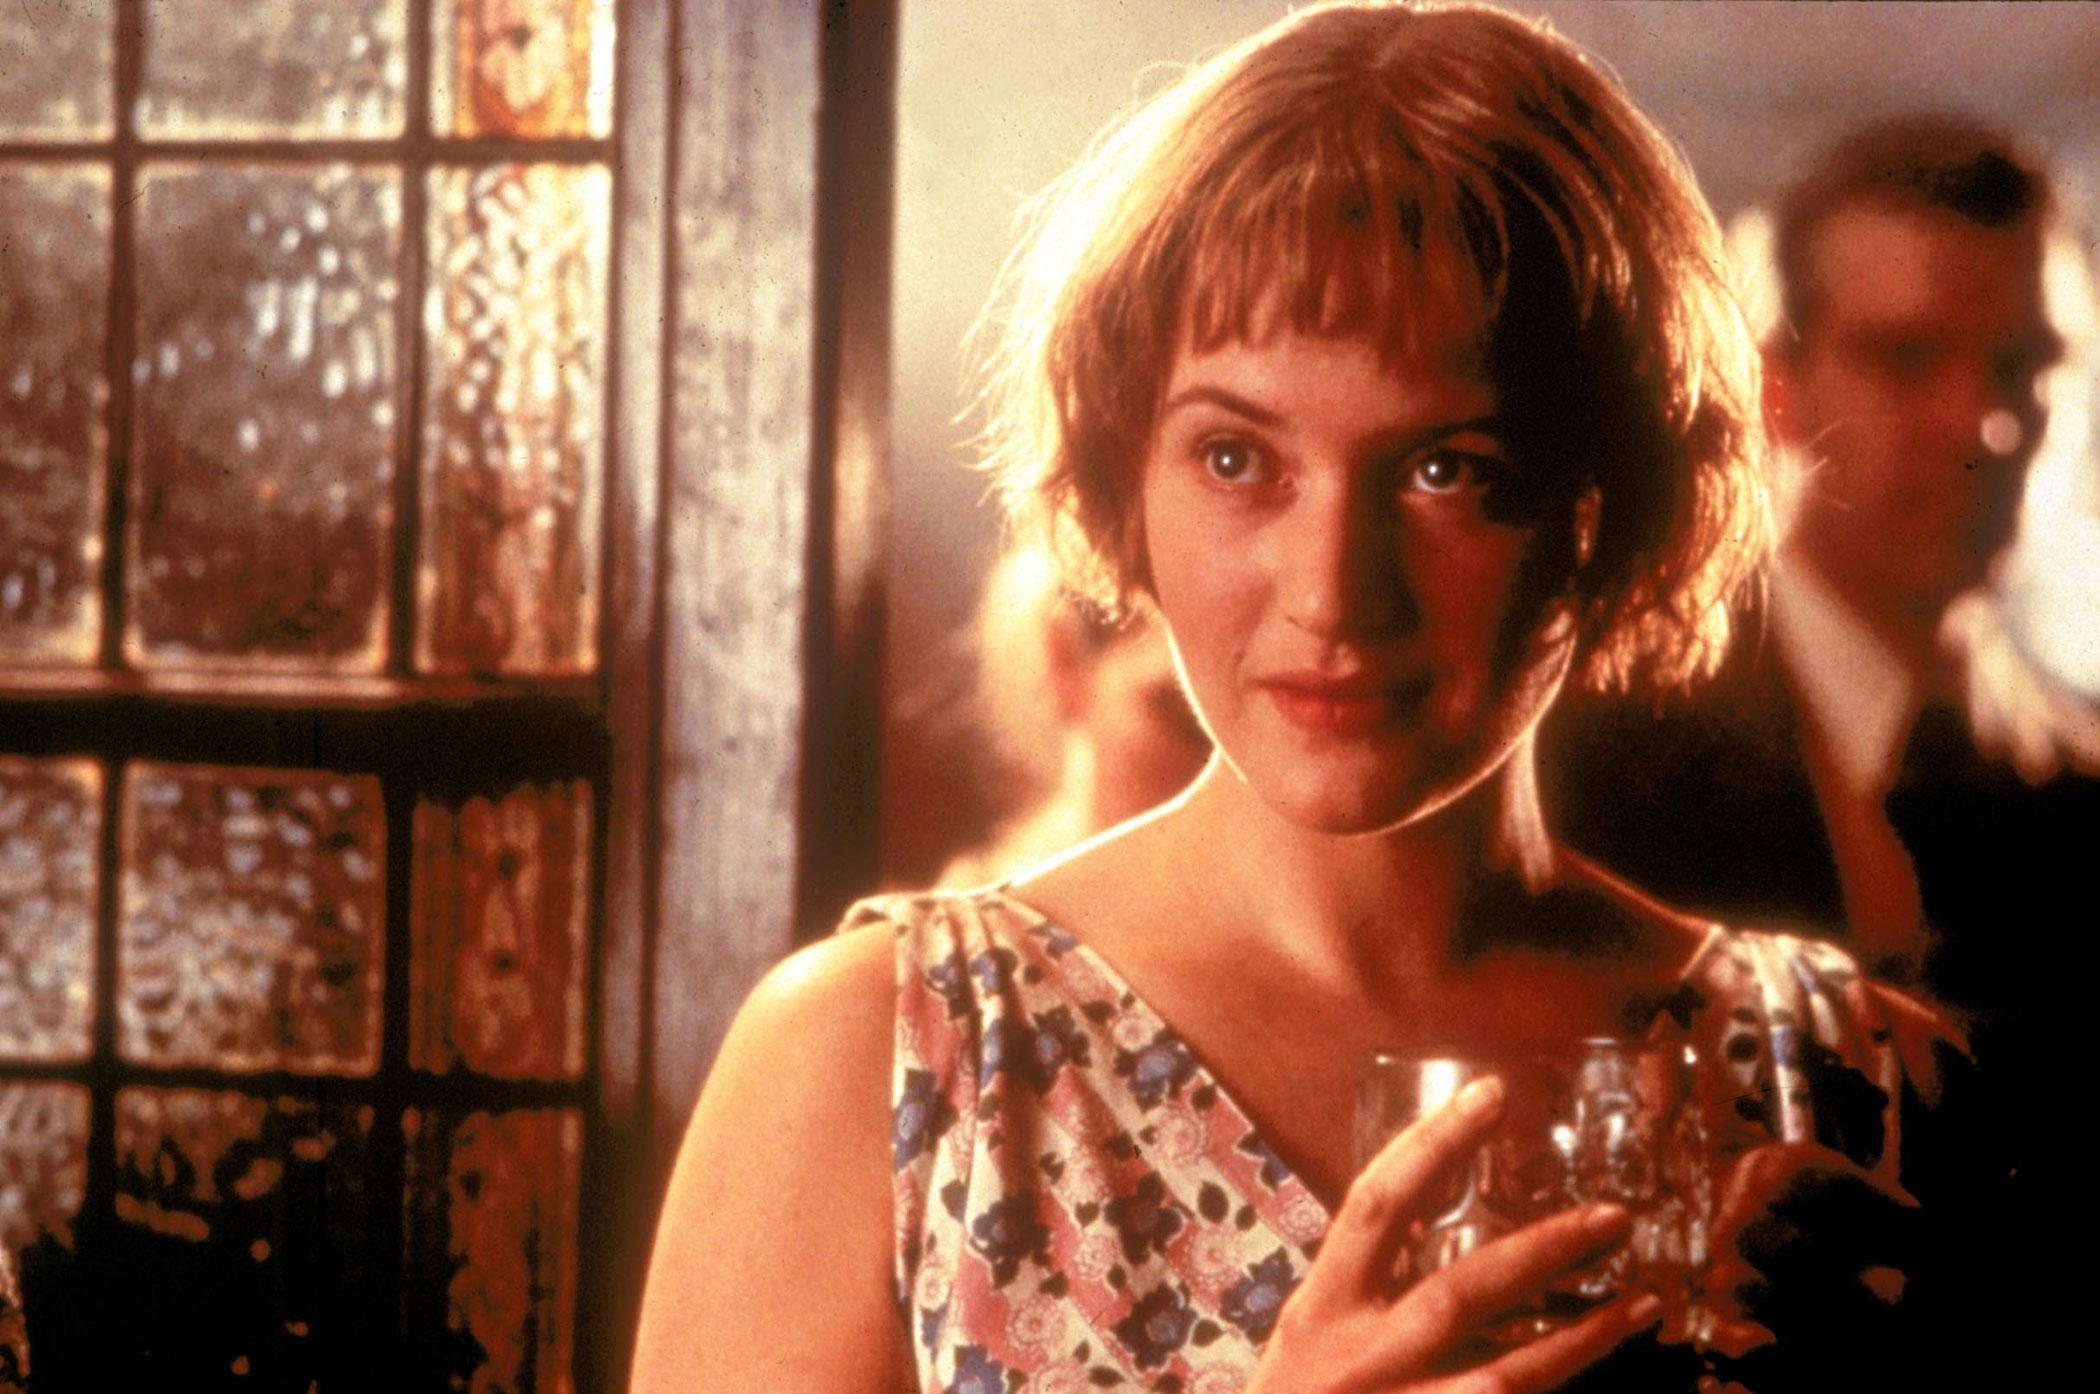 Young Iris Murdoch in Iris, 2001.